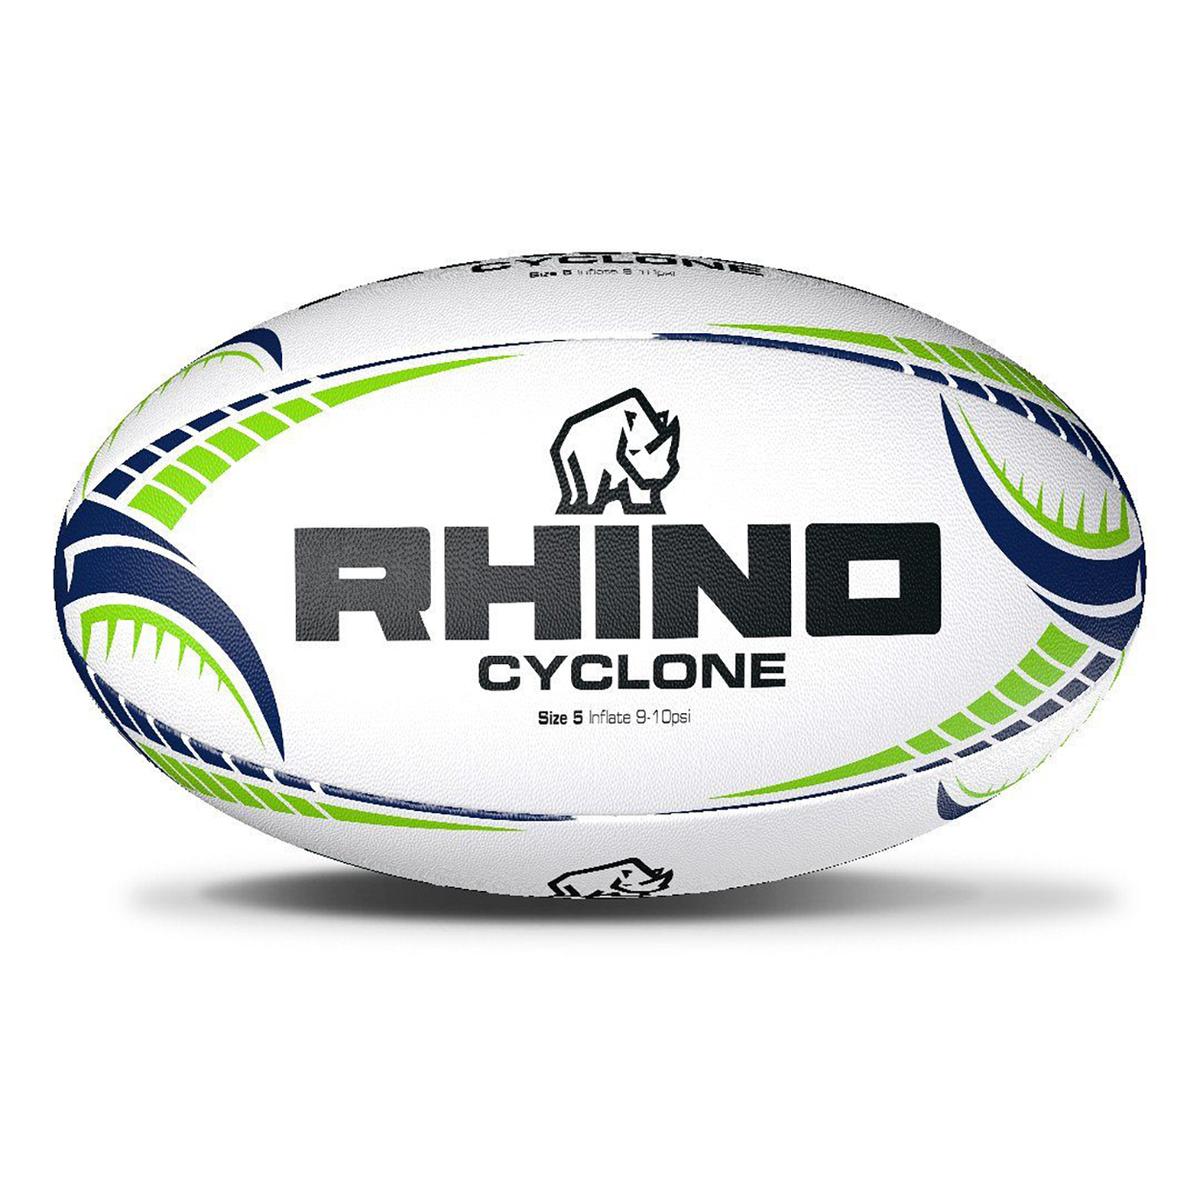 スポーツ用品 ラグビー トレーニング用品 練習用品 トレーニング 新品未使用正規品 ライノー Cyclone 休み ラグビーボール 海外直送 Rhino